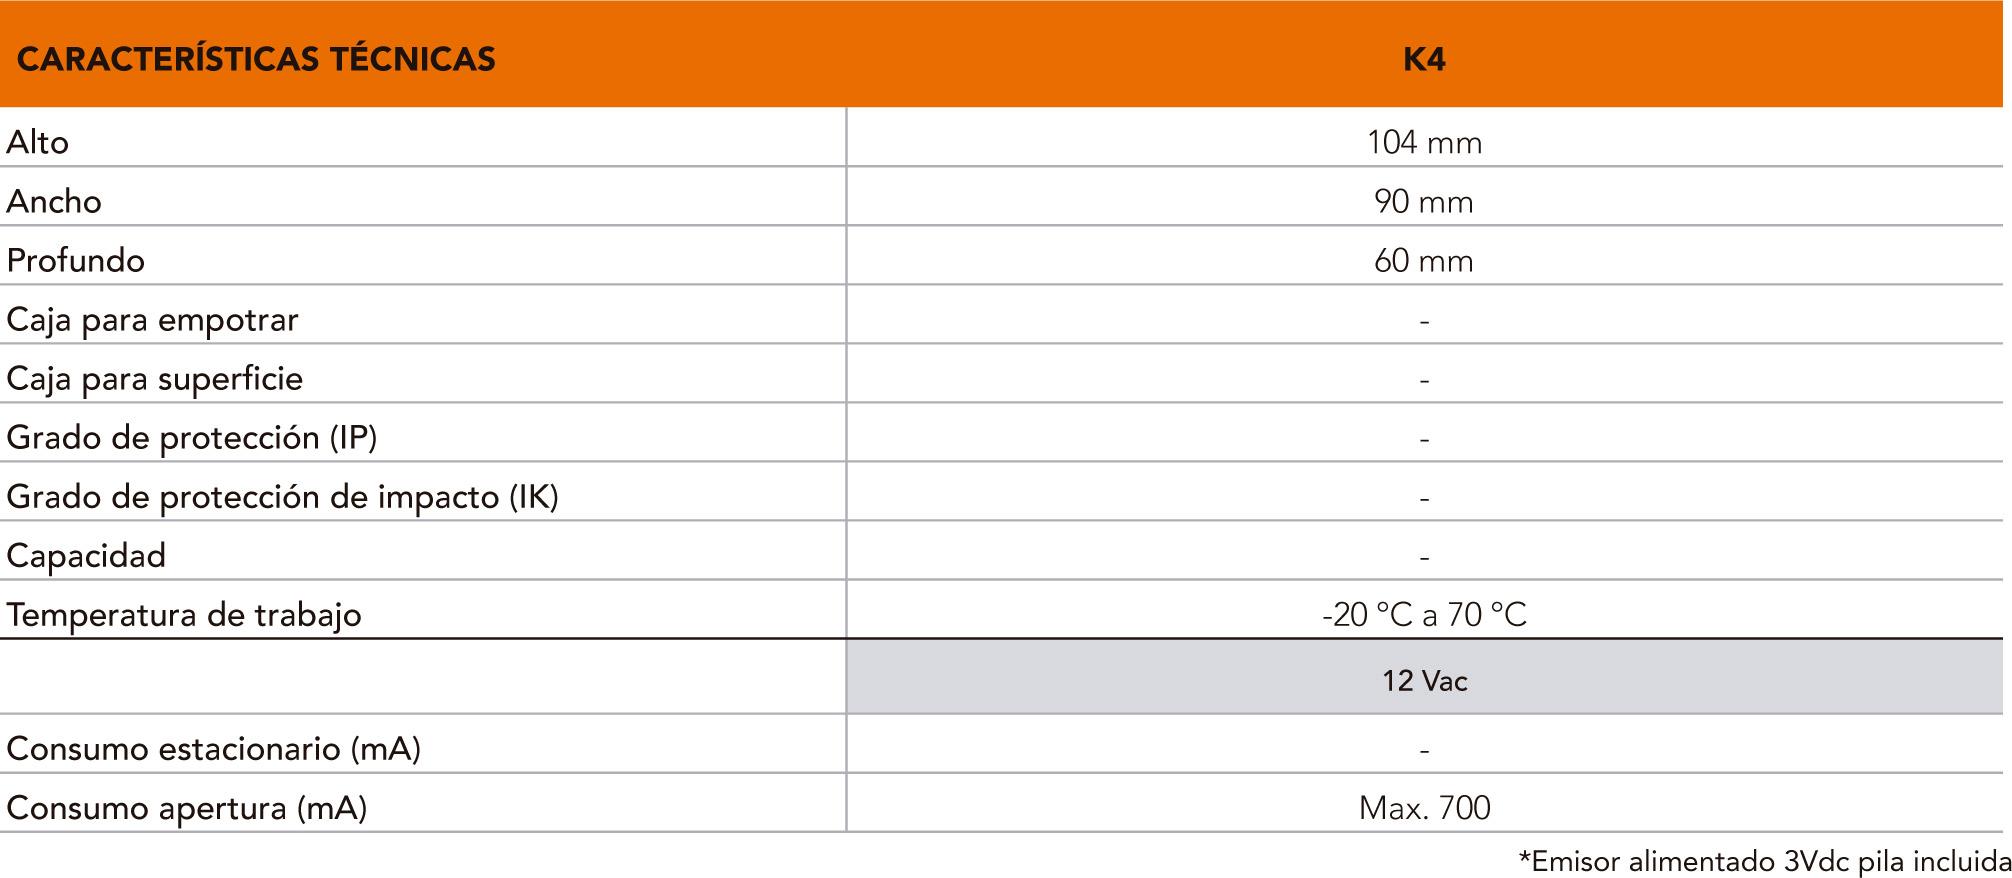 K4_caracteristicas